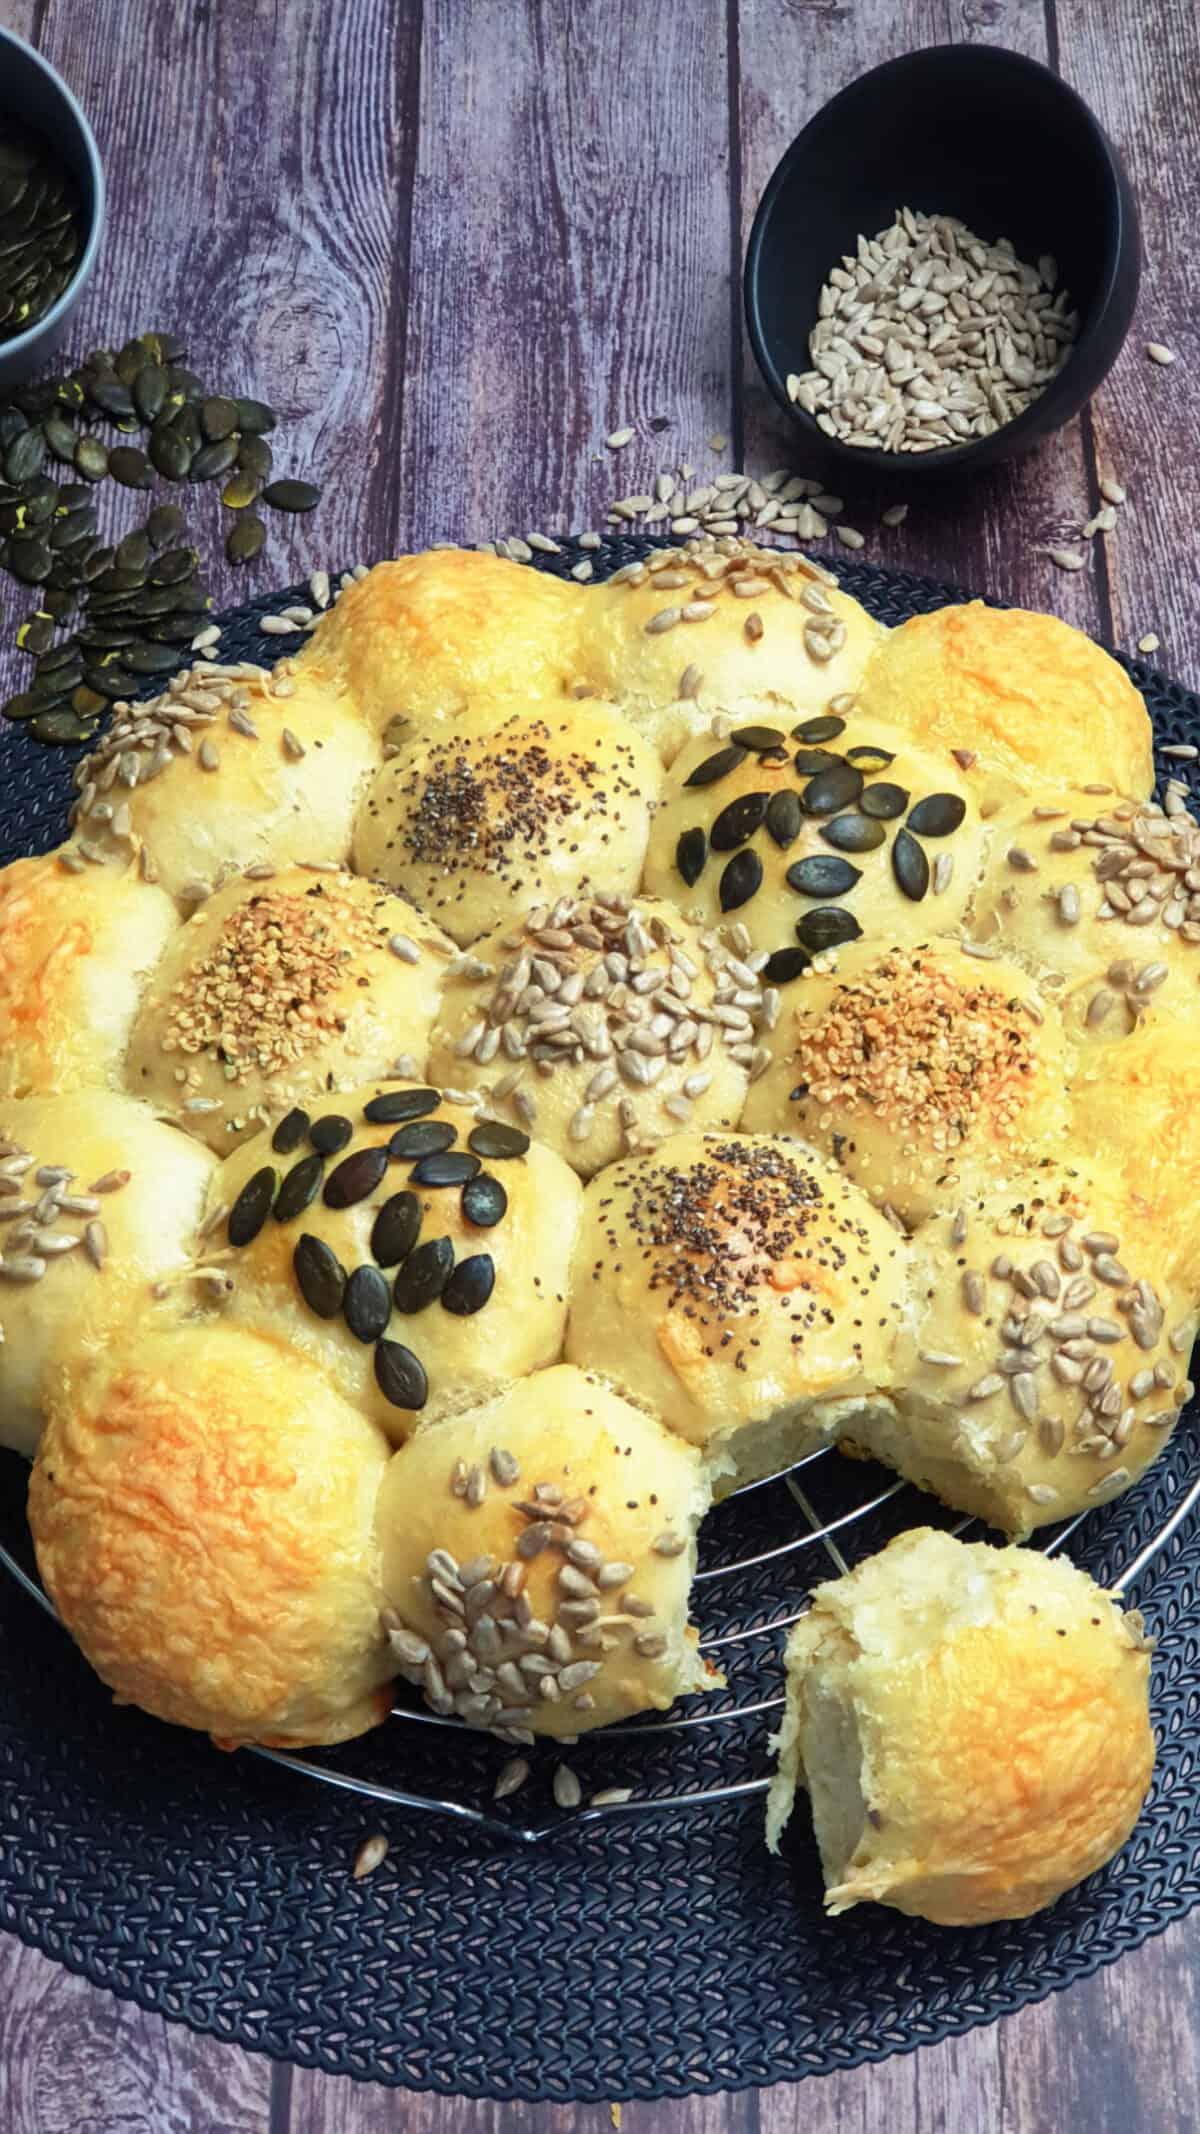 Auf einem großen schwarzen Teller eine Brötchensonne aus Hefeteig mit verschiedenen Toppings aus Körnern und Käse. Im Hintergrund Deko.